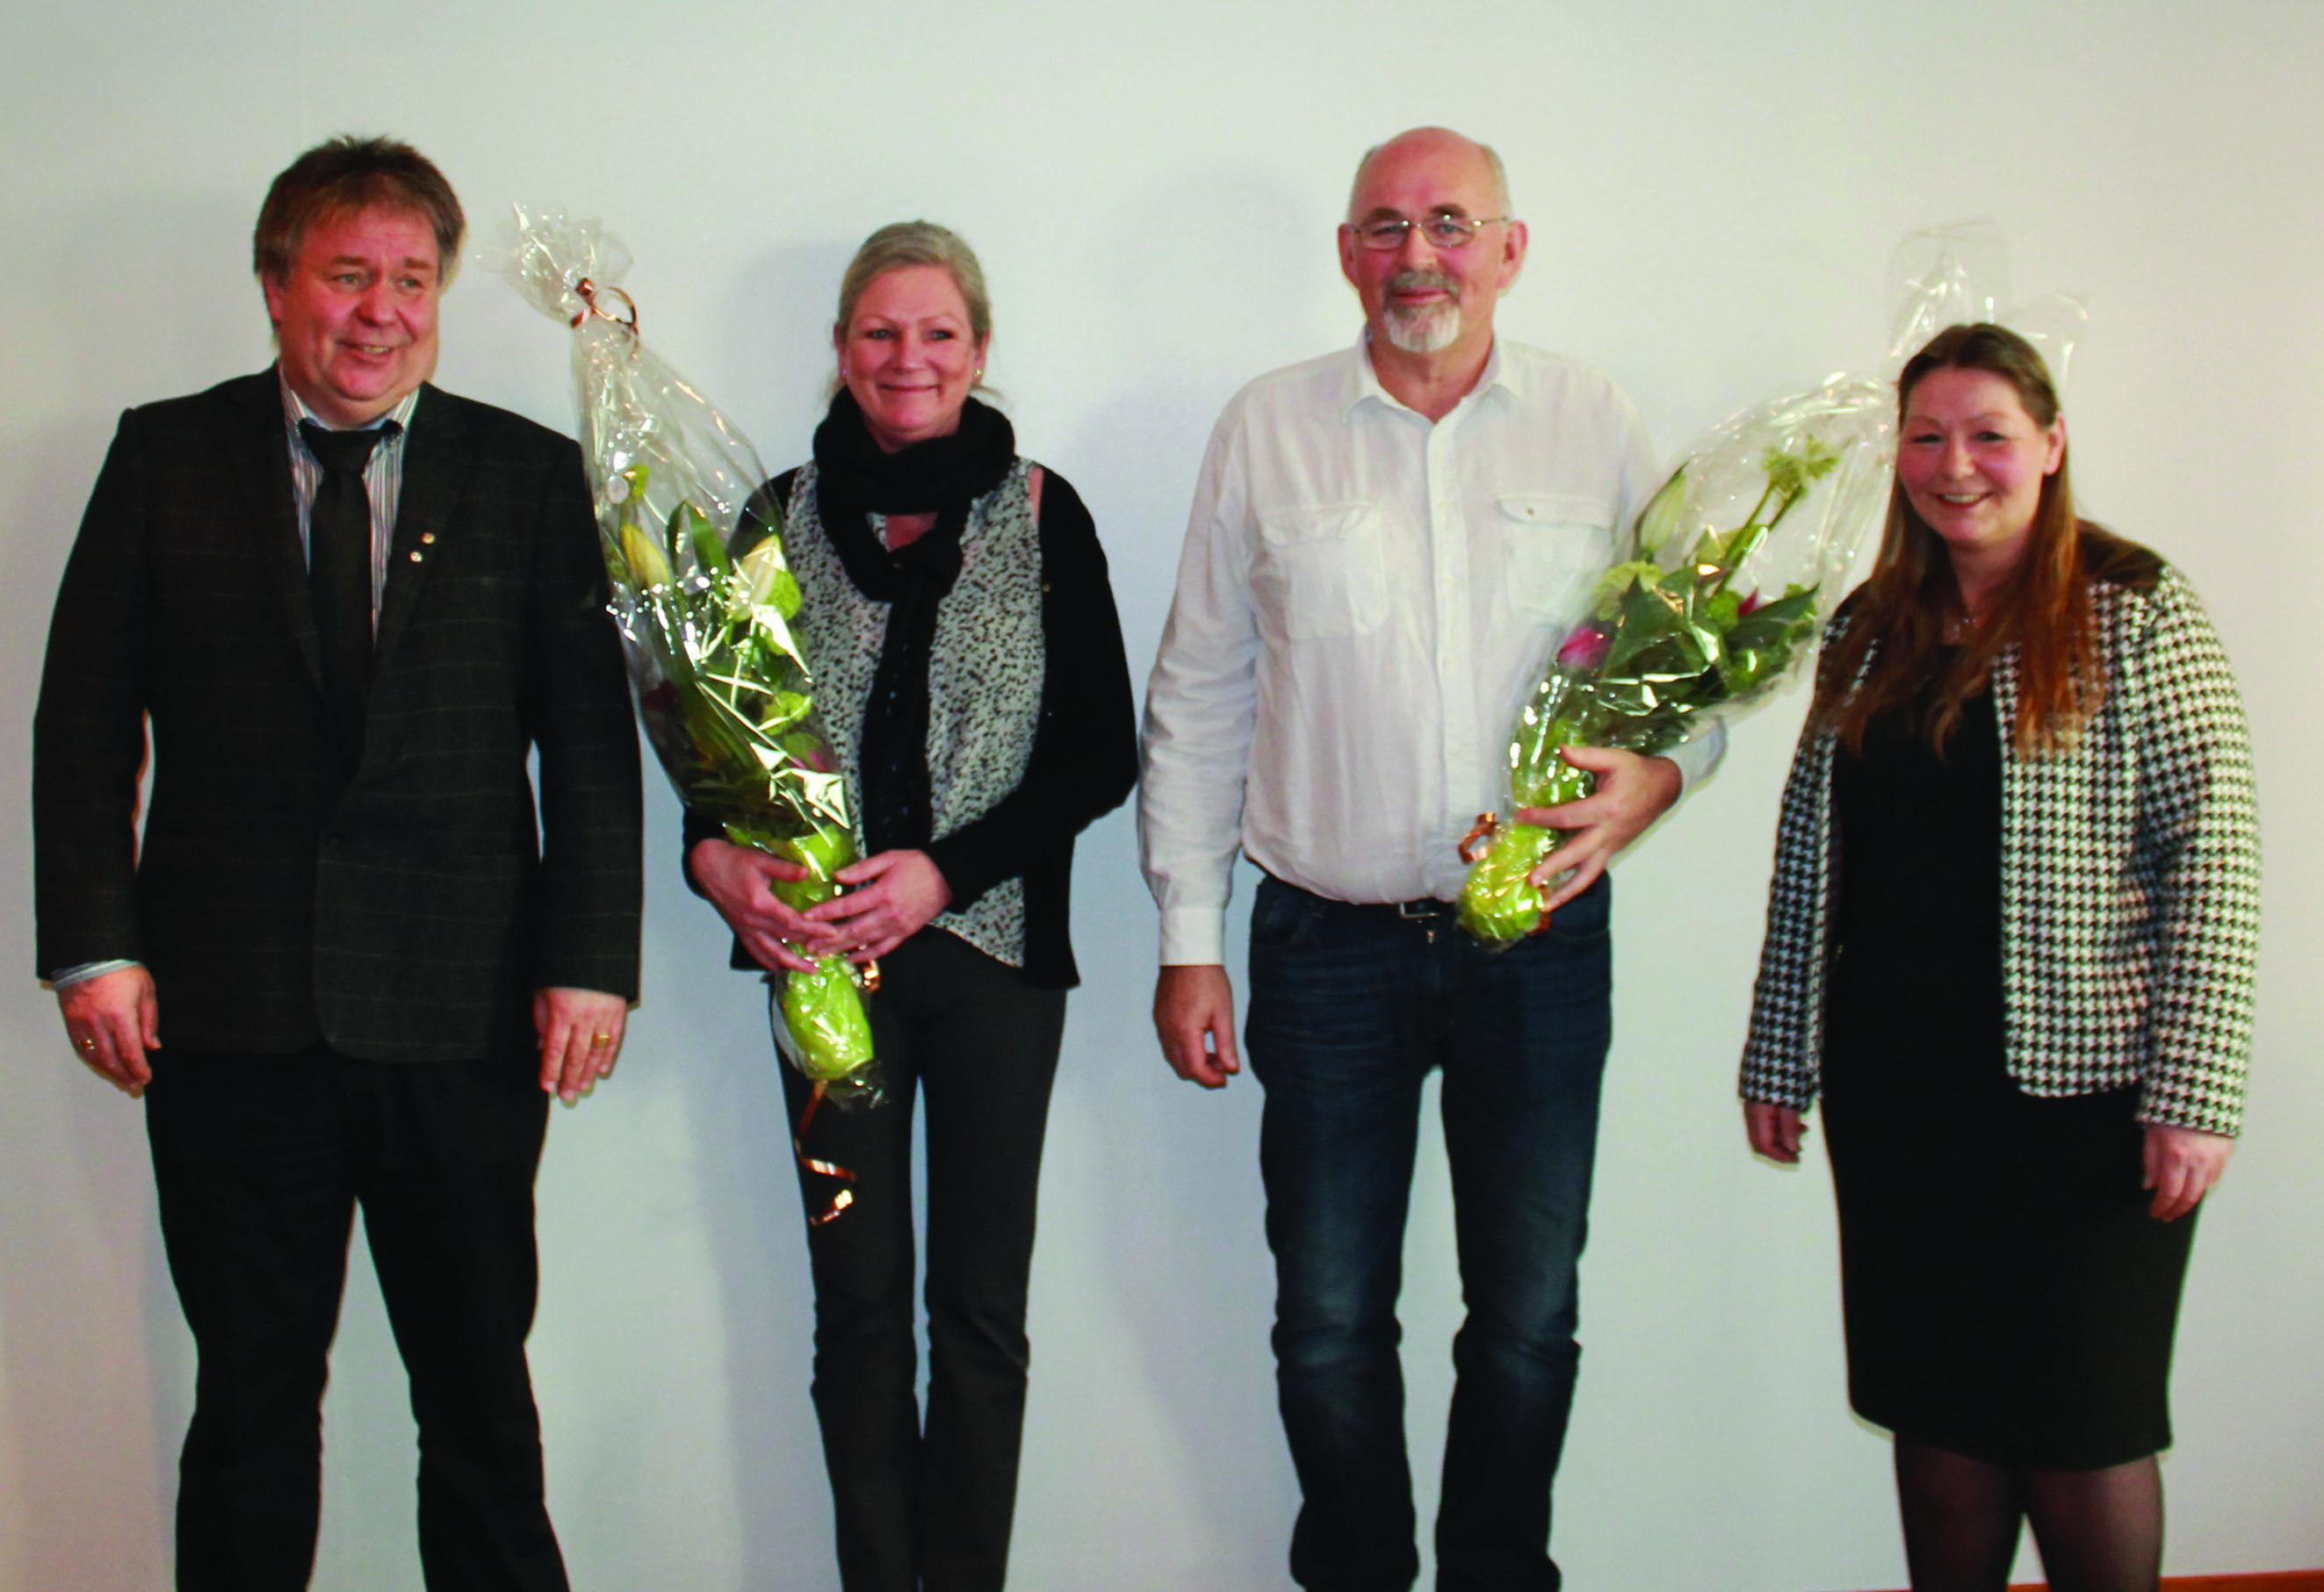 Fra venstre: Geir Olsen fra Fellesforbundet, 25 års jubilantene Rita Lone Borlaug og Leif Gerhard Kleppe og leder Eirin Bratland